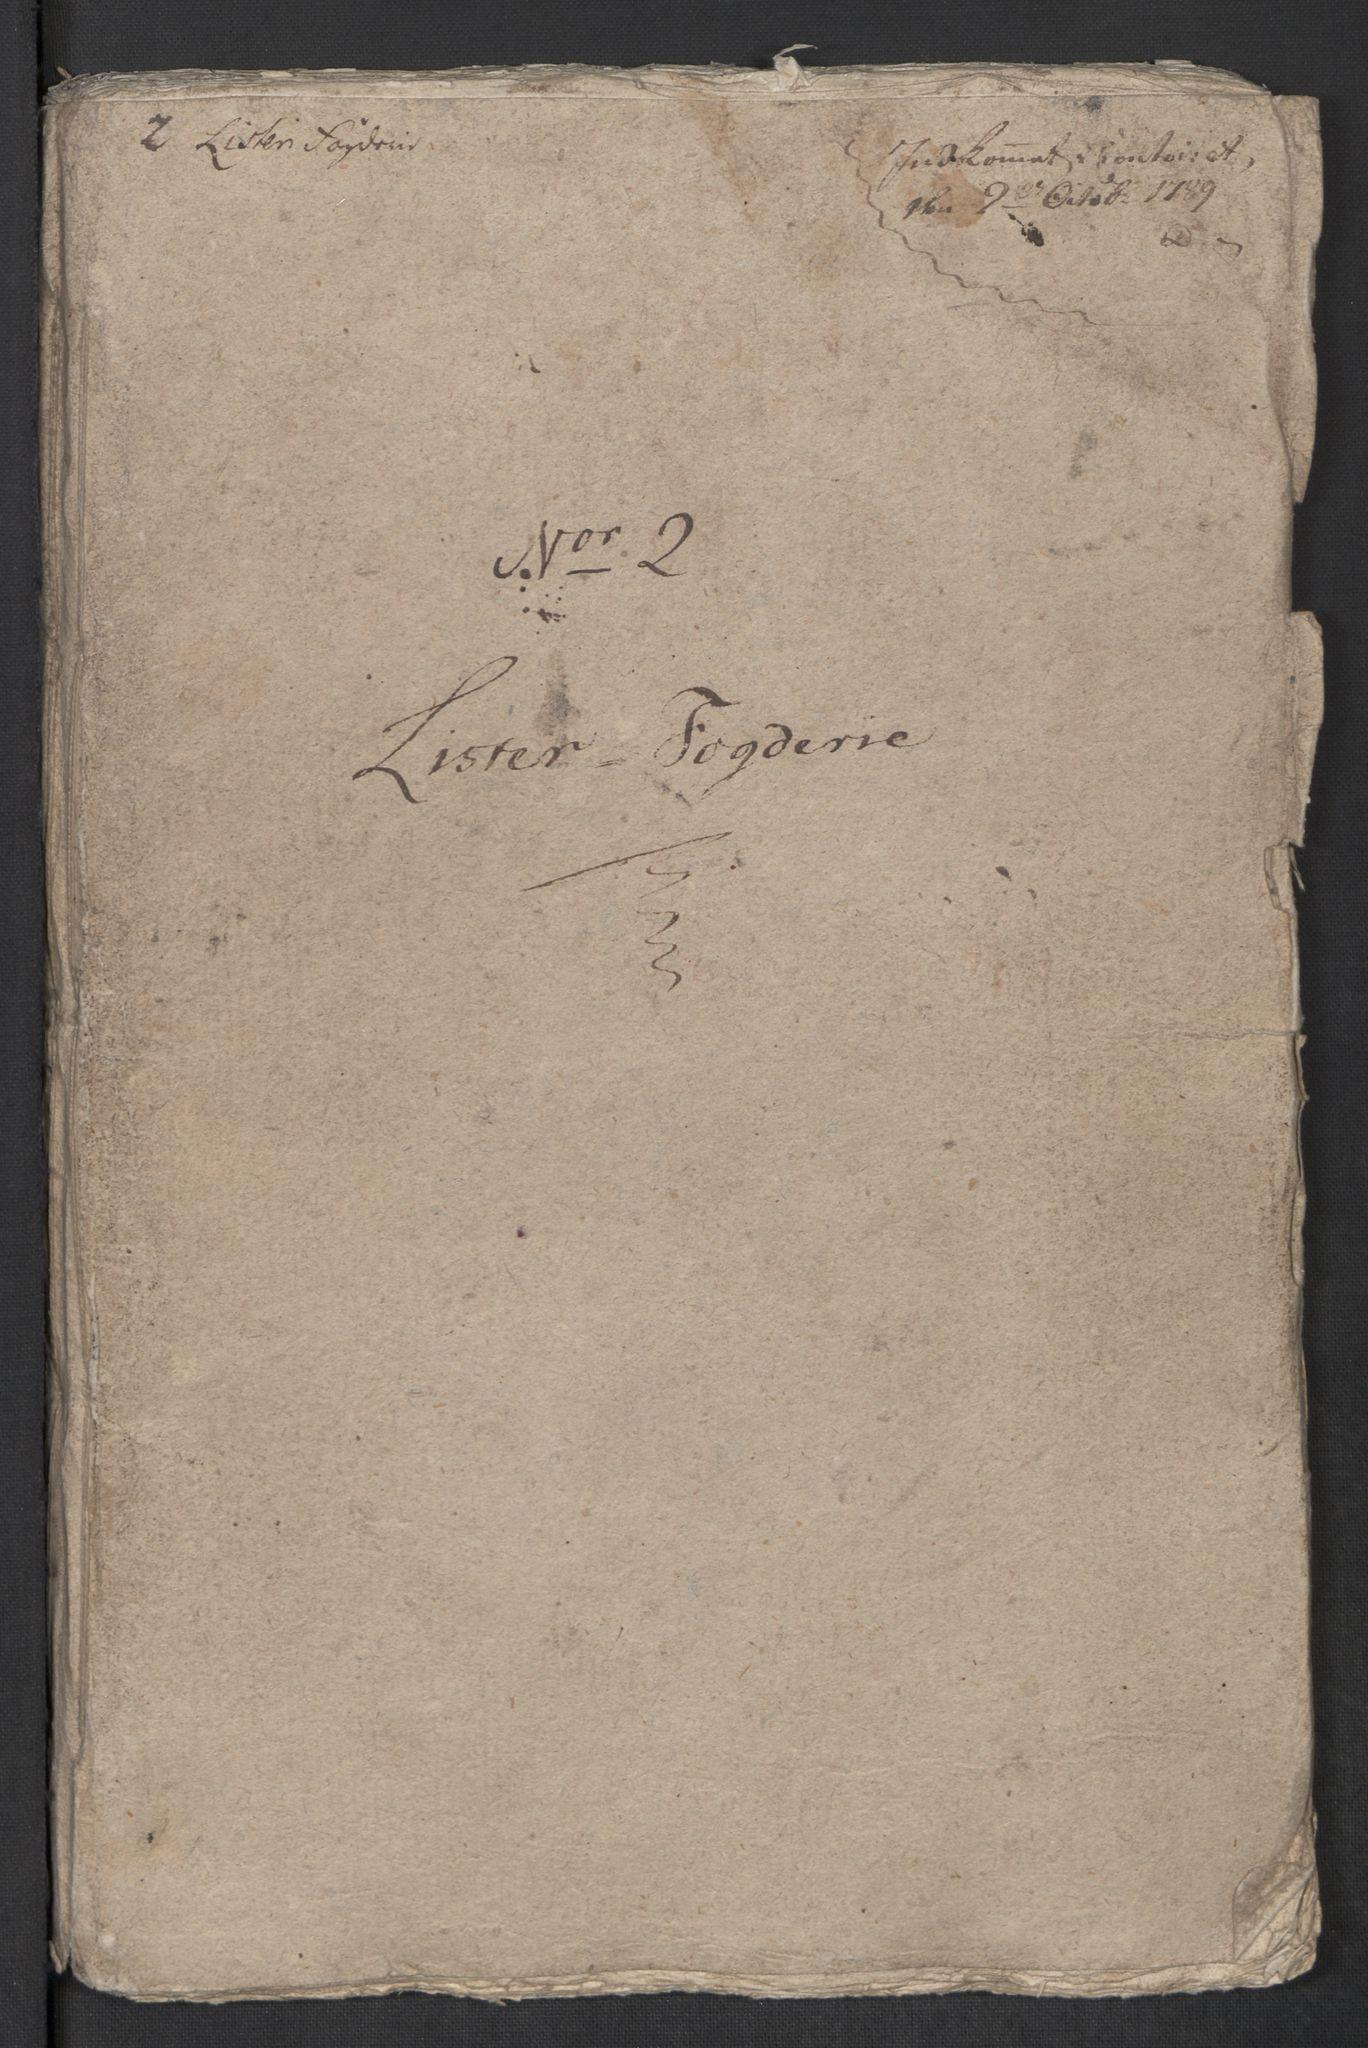 RA, Rentekammeret inntil 1814, Reviderte regnskaper, Mindre regnskaper, Rf/Rfe/L0022: Lista fogderi, Lyse kloster, 1789, s. 3